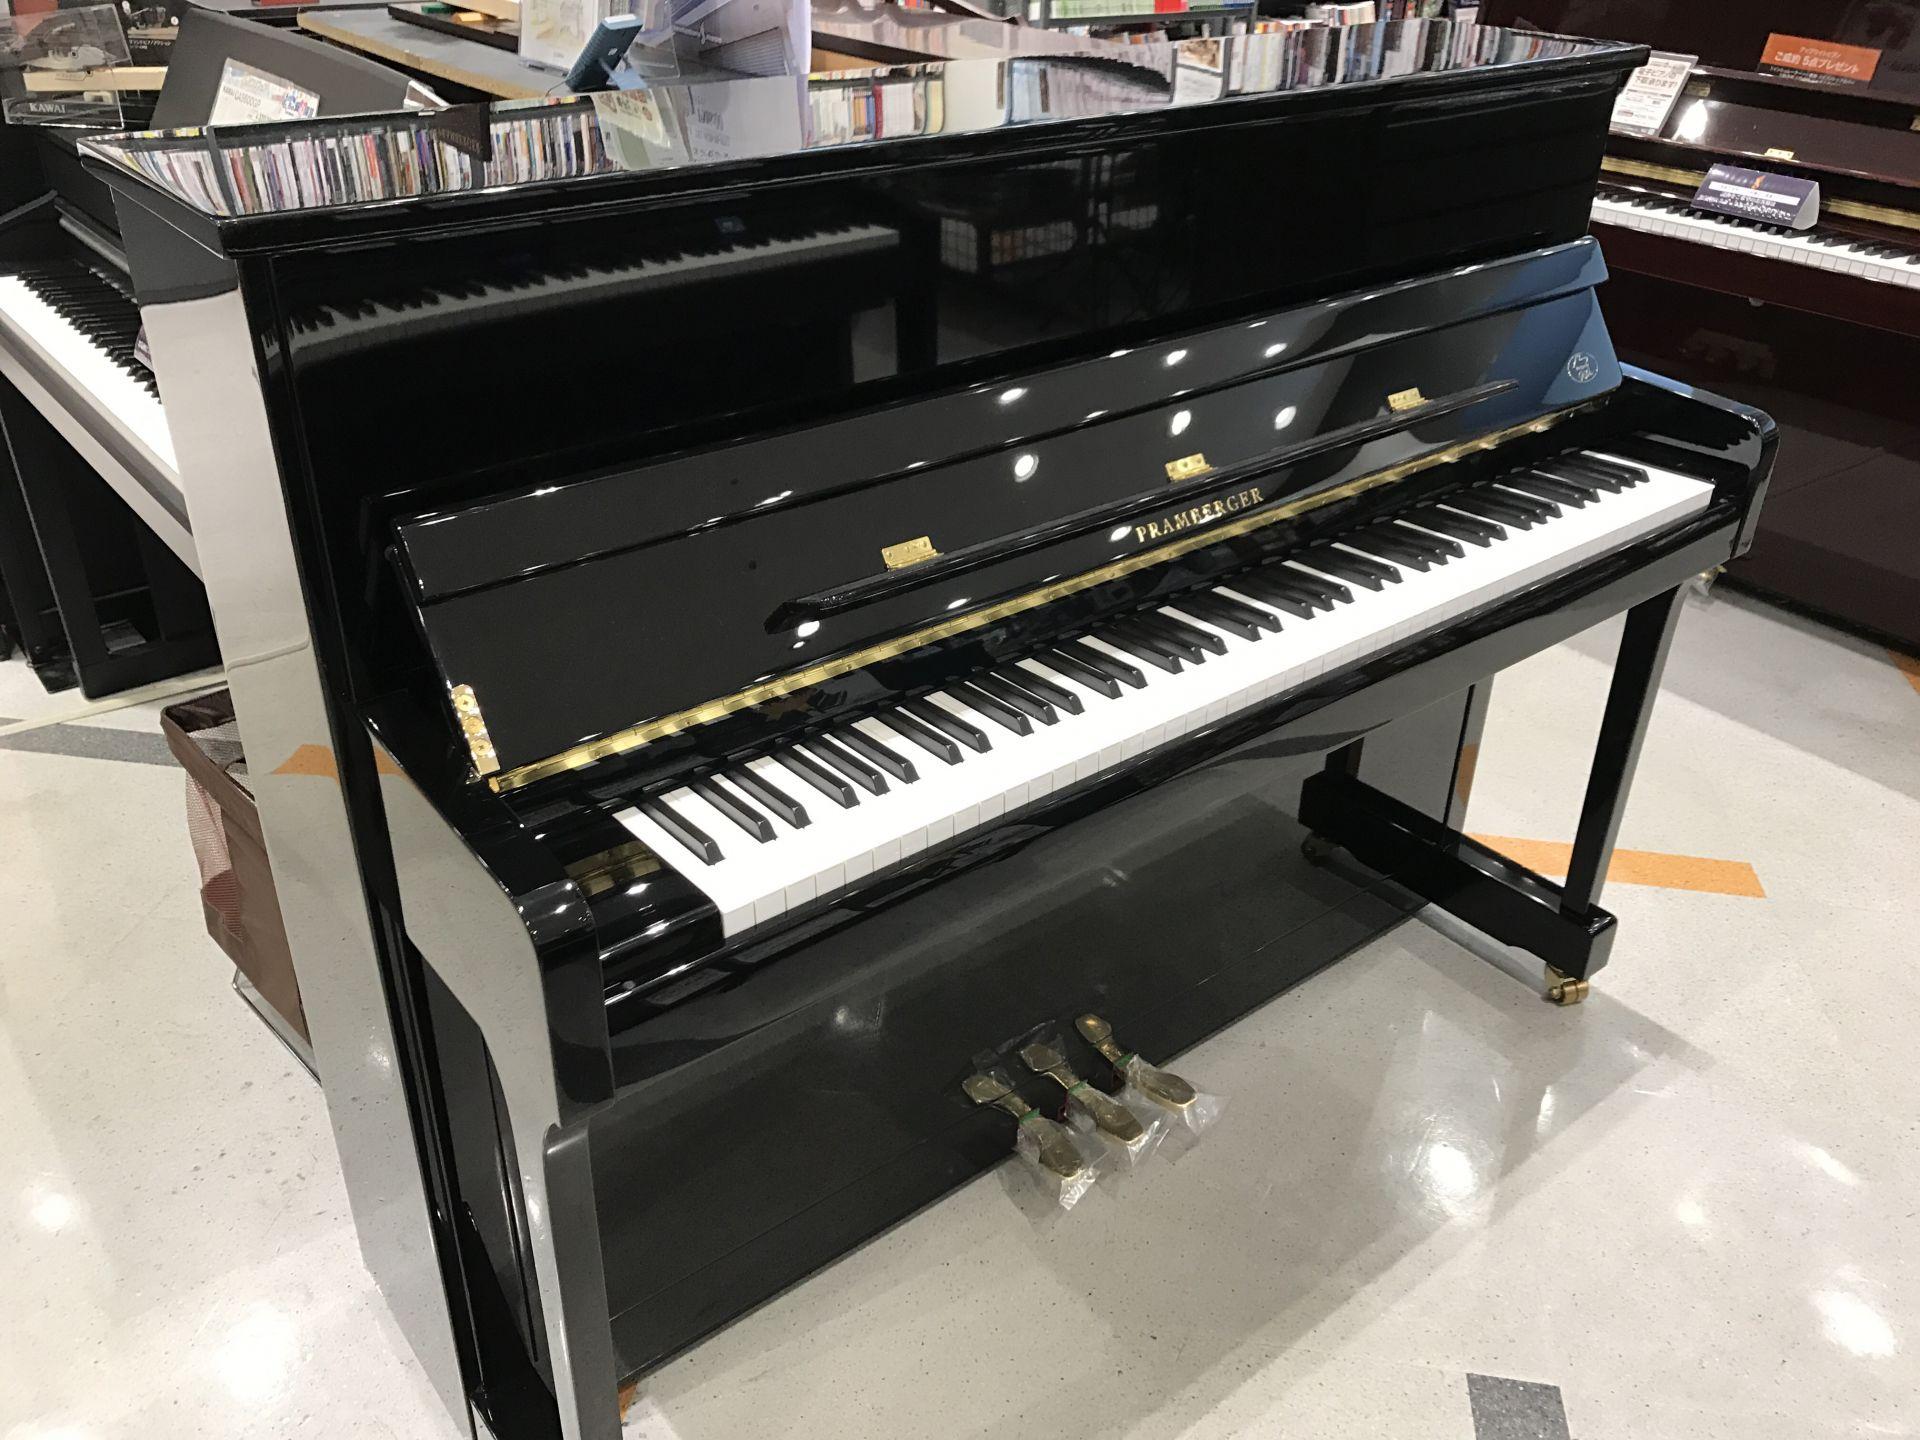 島村楽器イオンモール高崎店 アップライトピアノ 新品 安い PV115 プレンバーガー